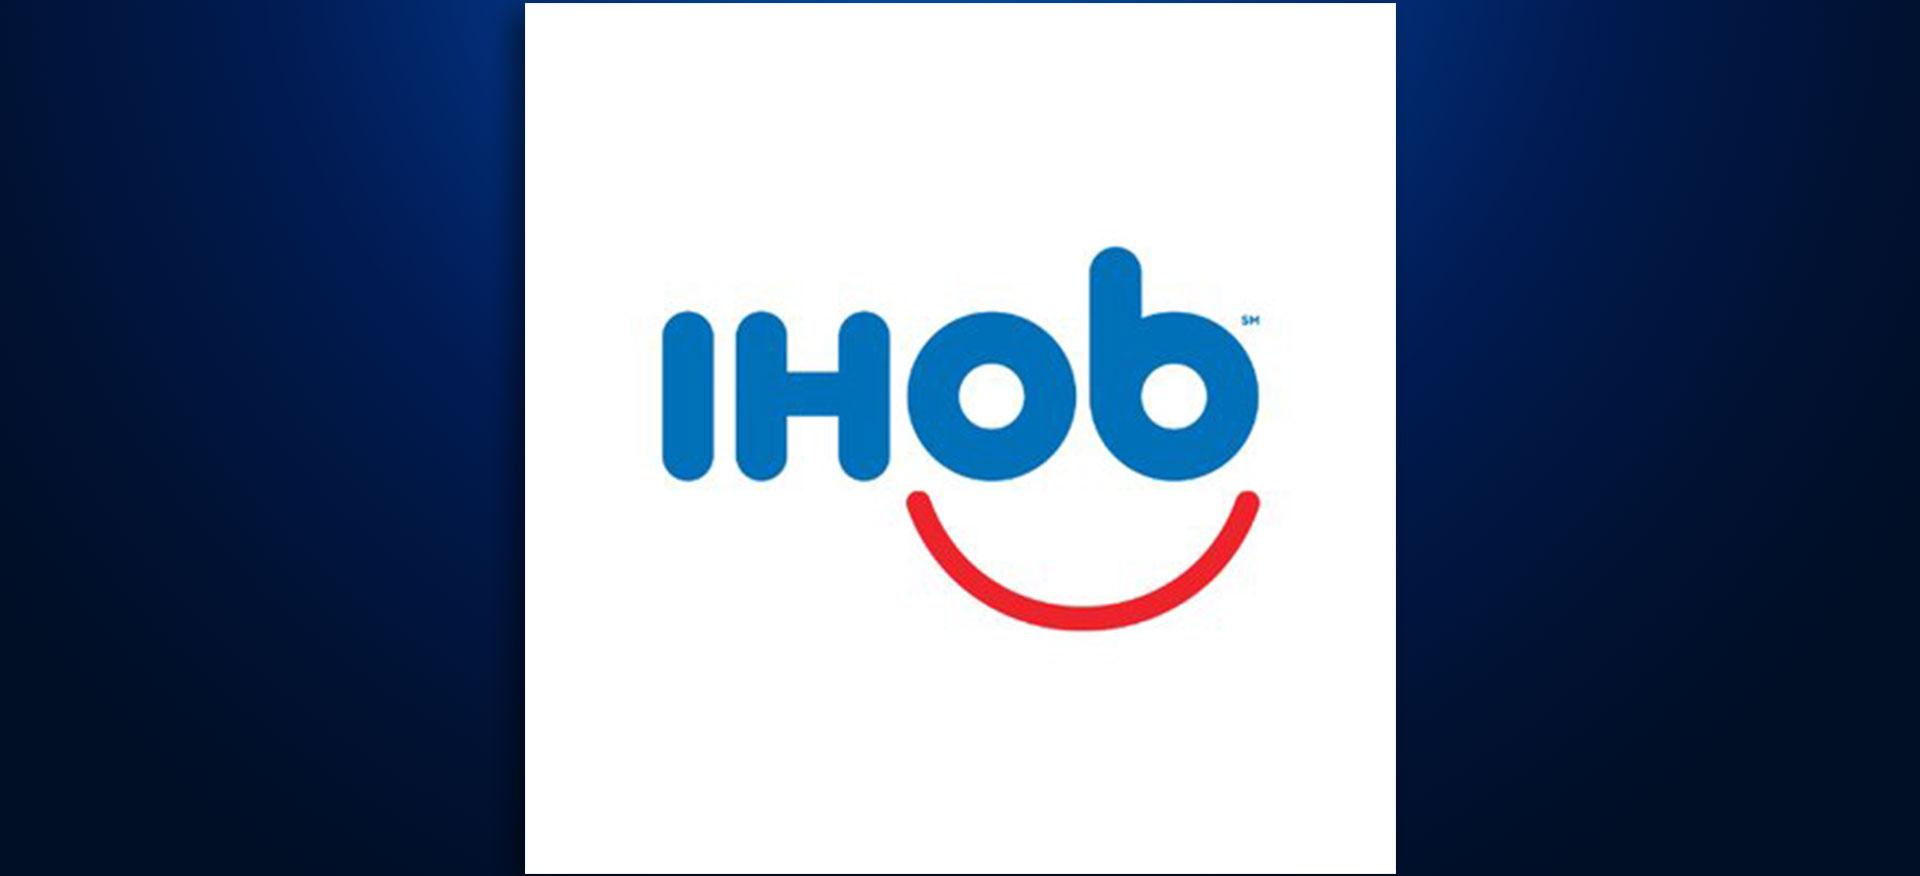 Ihob   beetekno.com